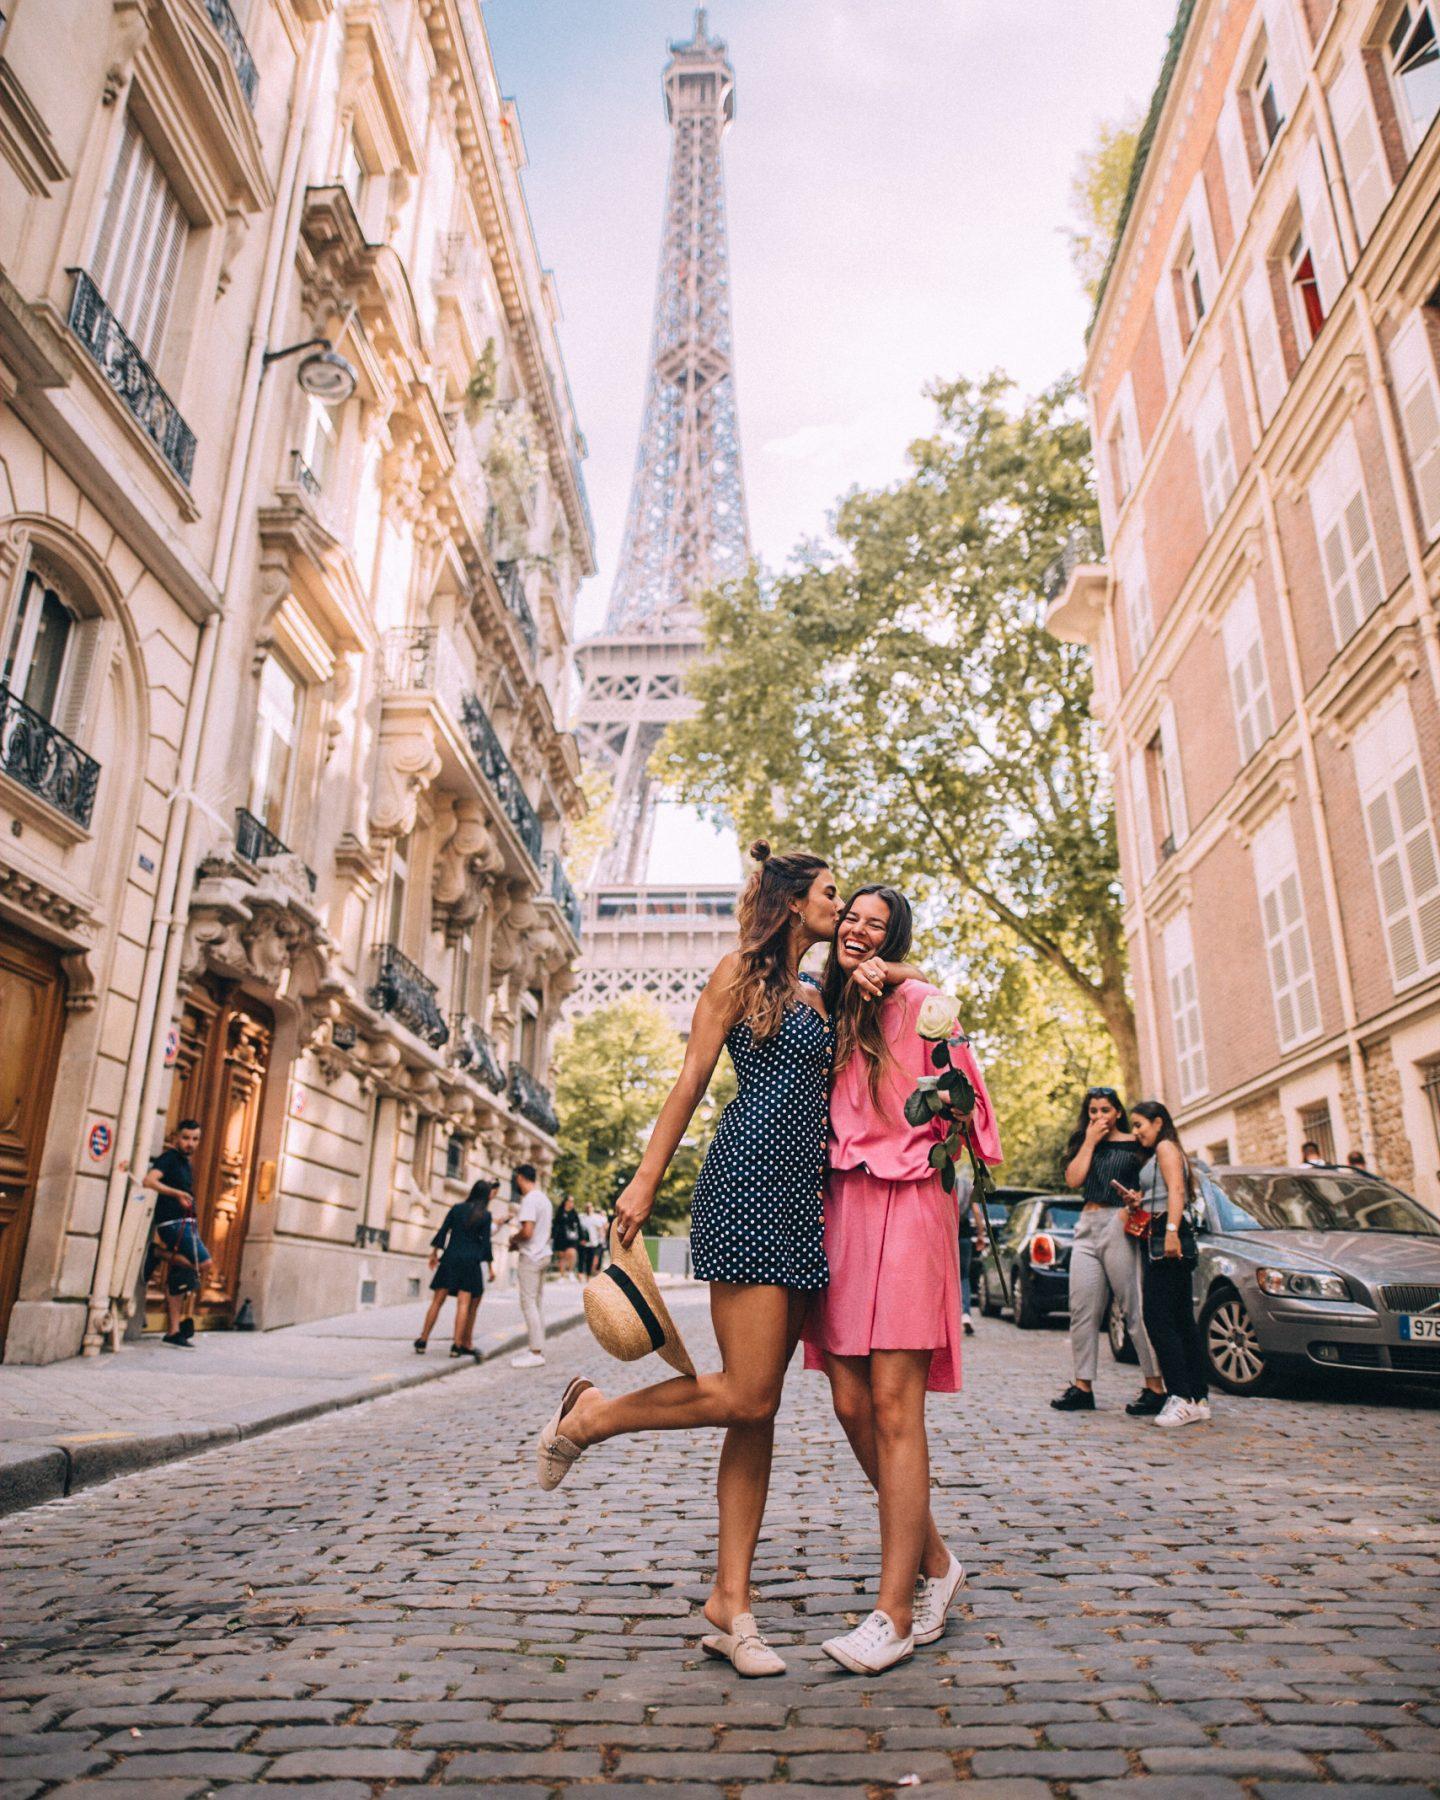 Lisa Homsy and Mel Vandersluis in Paris at the Eiffel Tower